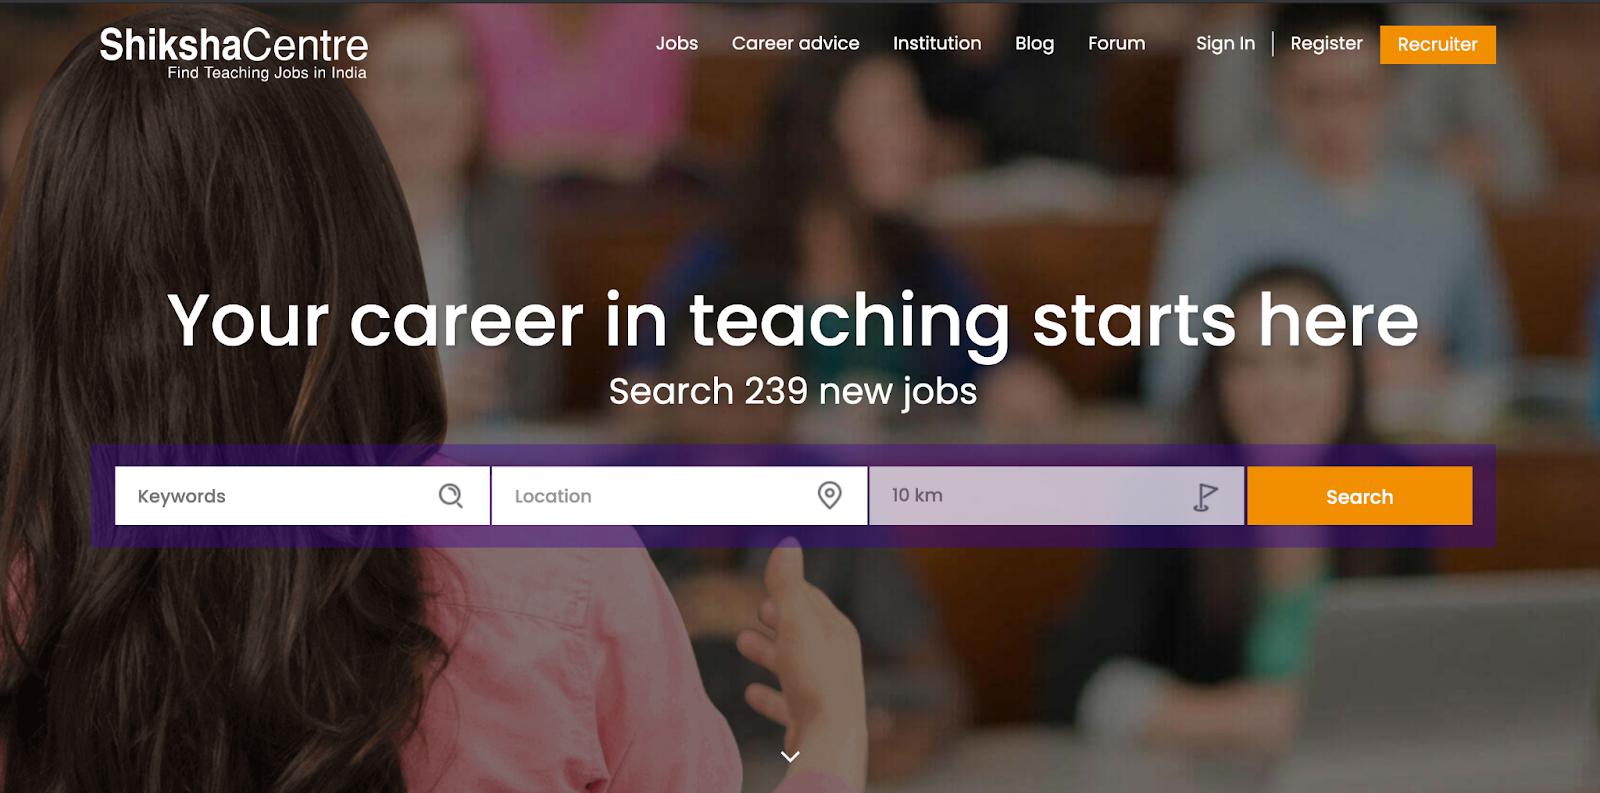 Finding teachers